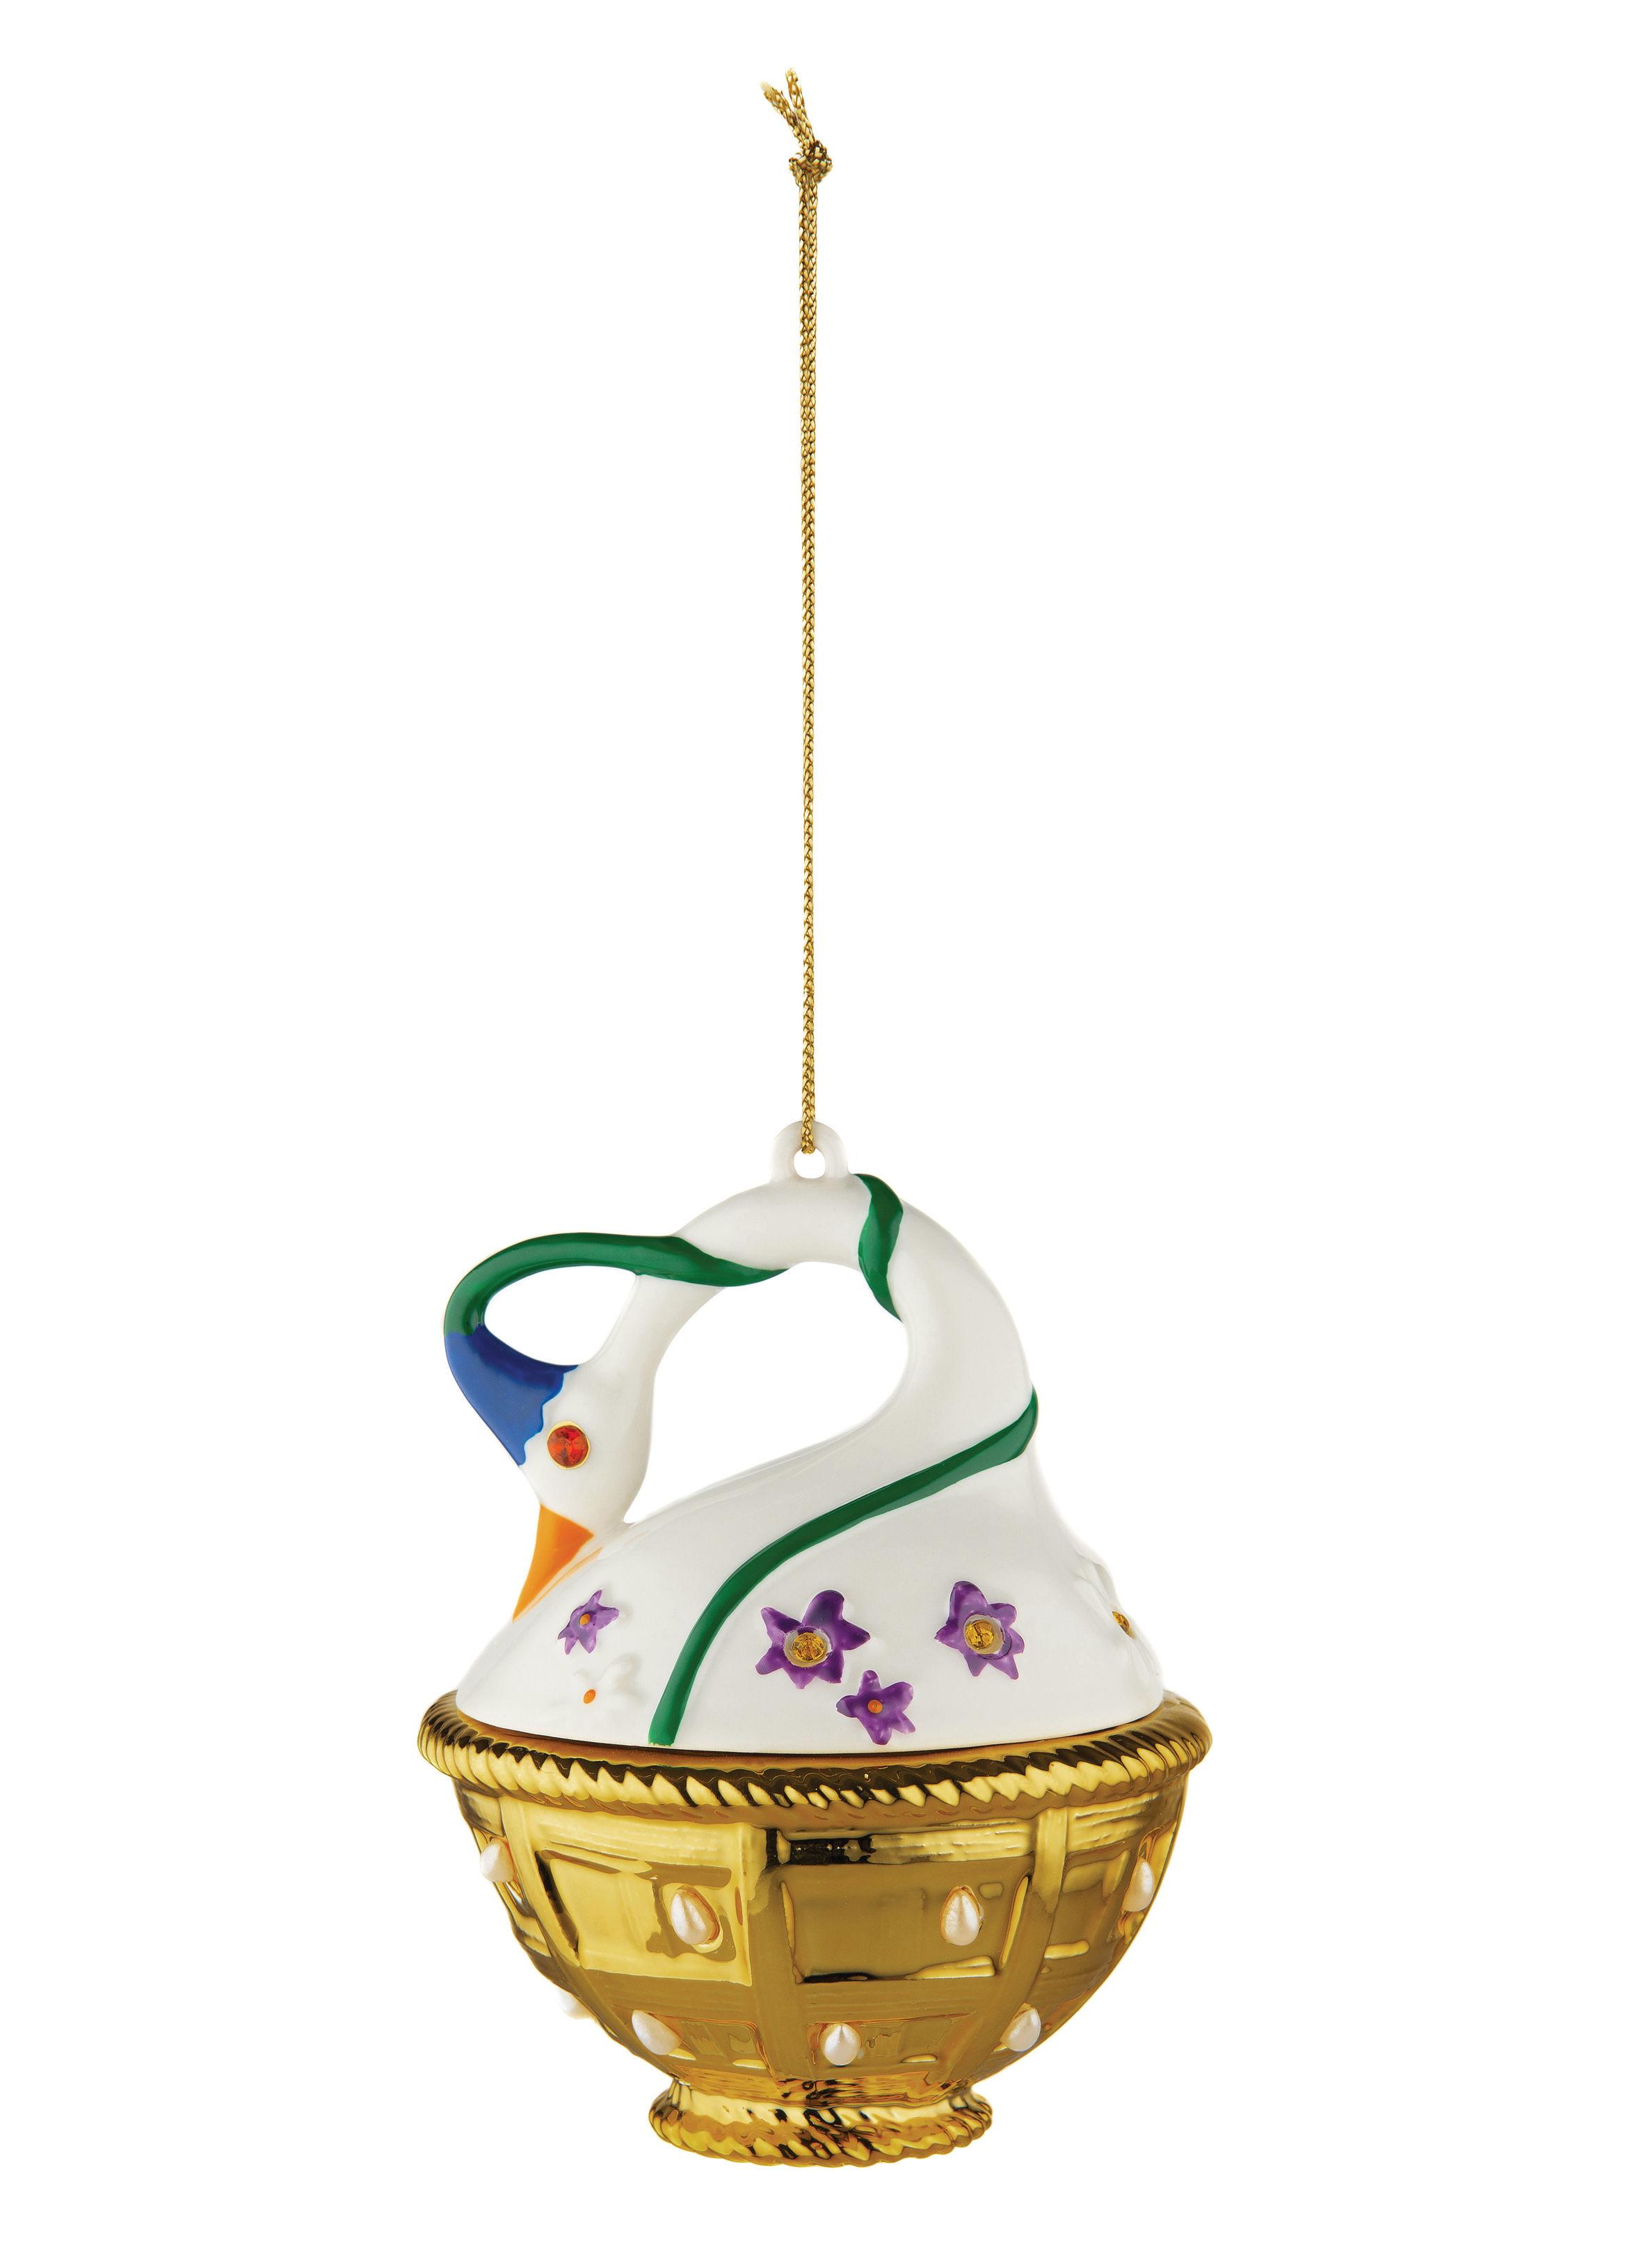 Déco - Objets déco et cadres-photos - Boule de Noël Fleurs de Jorì / Cigno di Primavera - Porcelaine peinte main - Alessi - Cygne - Porcelaine